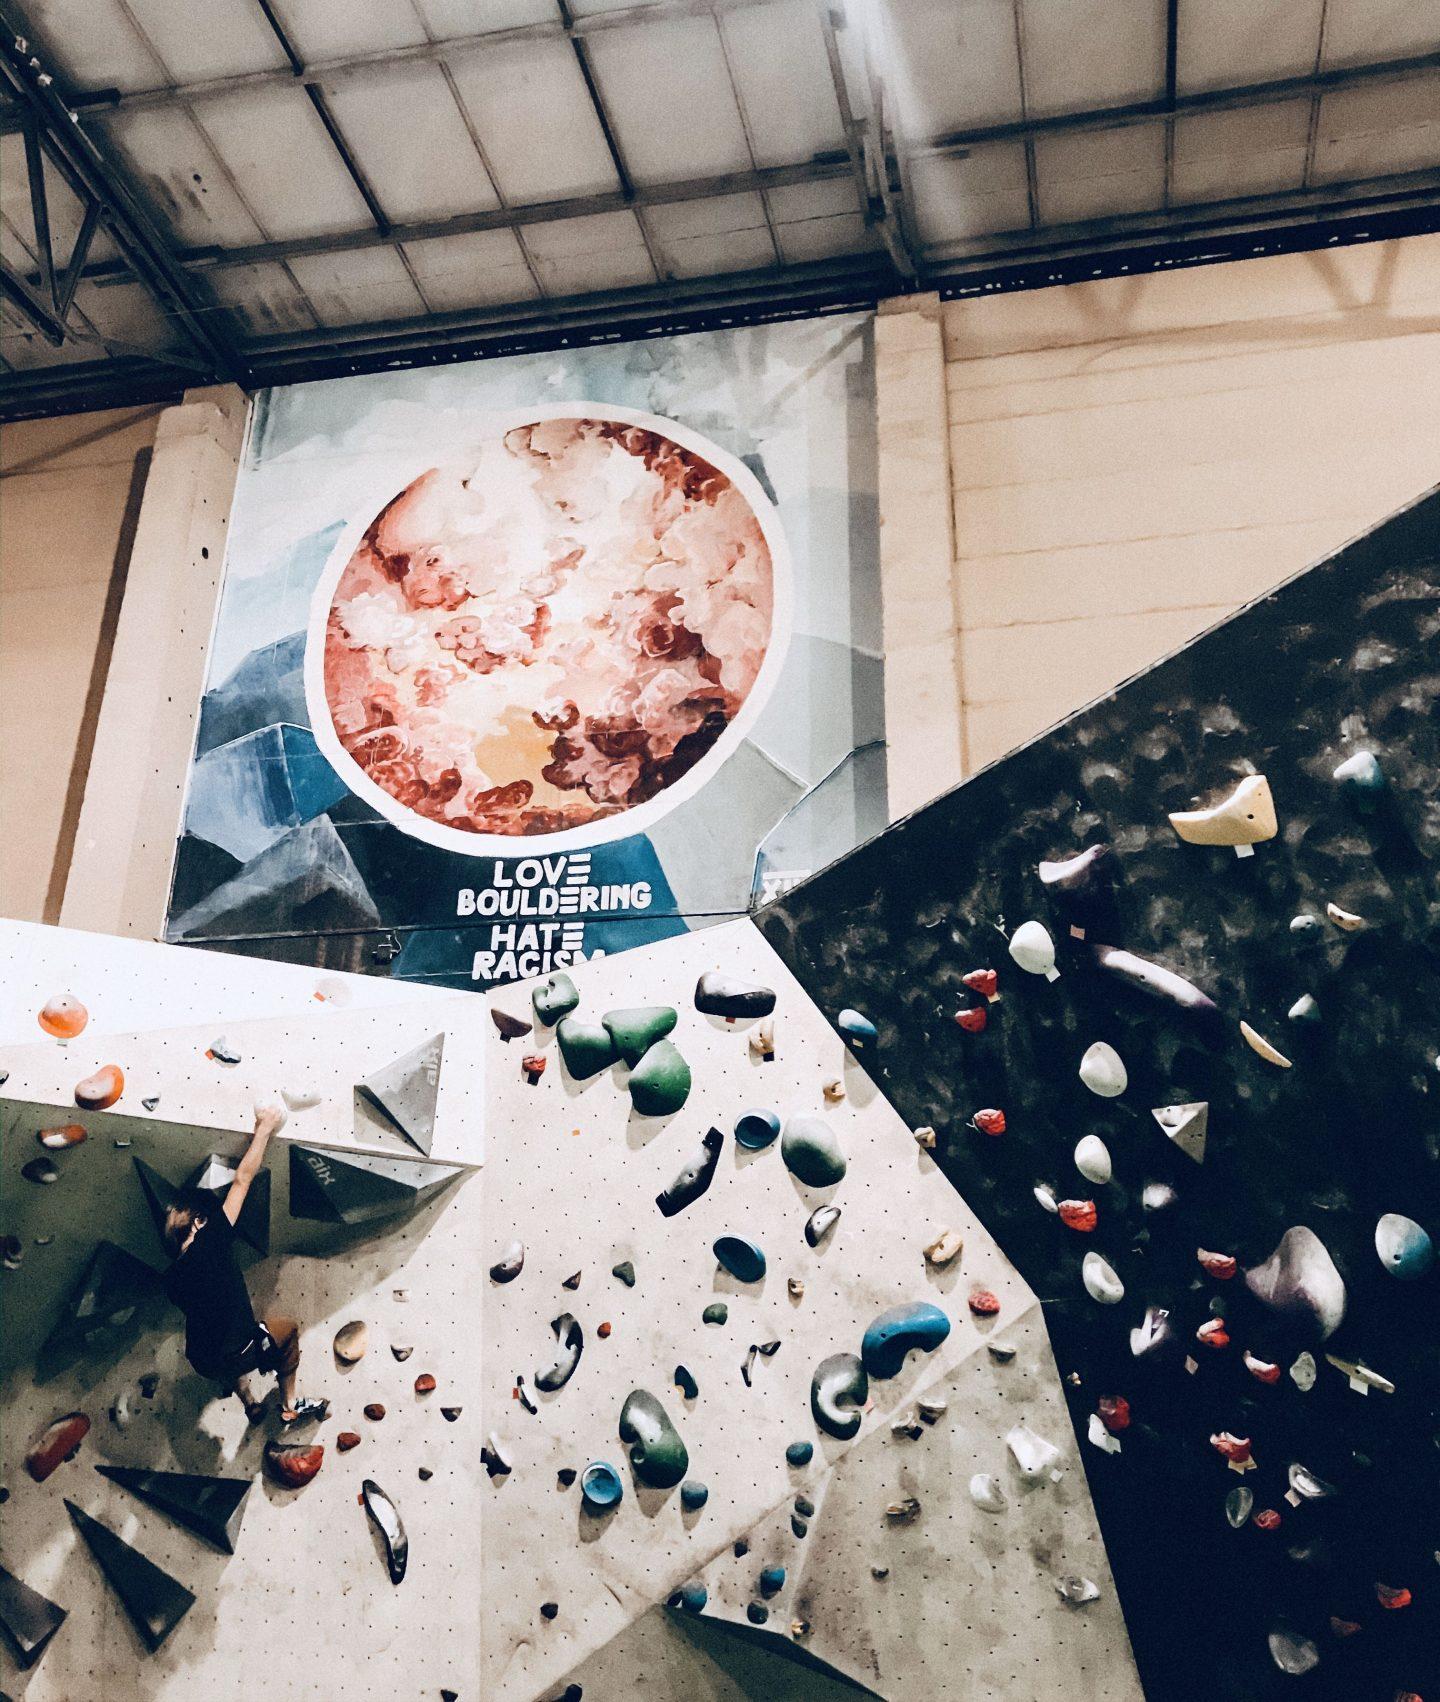 boulderliebe-boulderhalle Kosmos in Leipzig